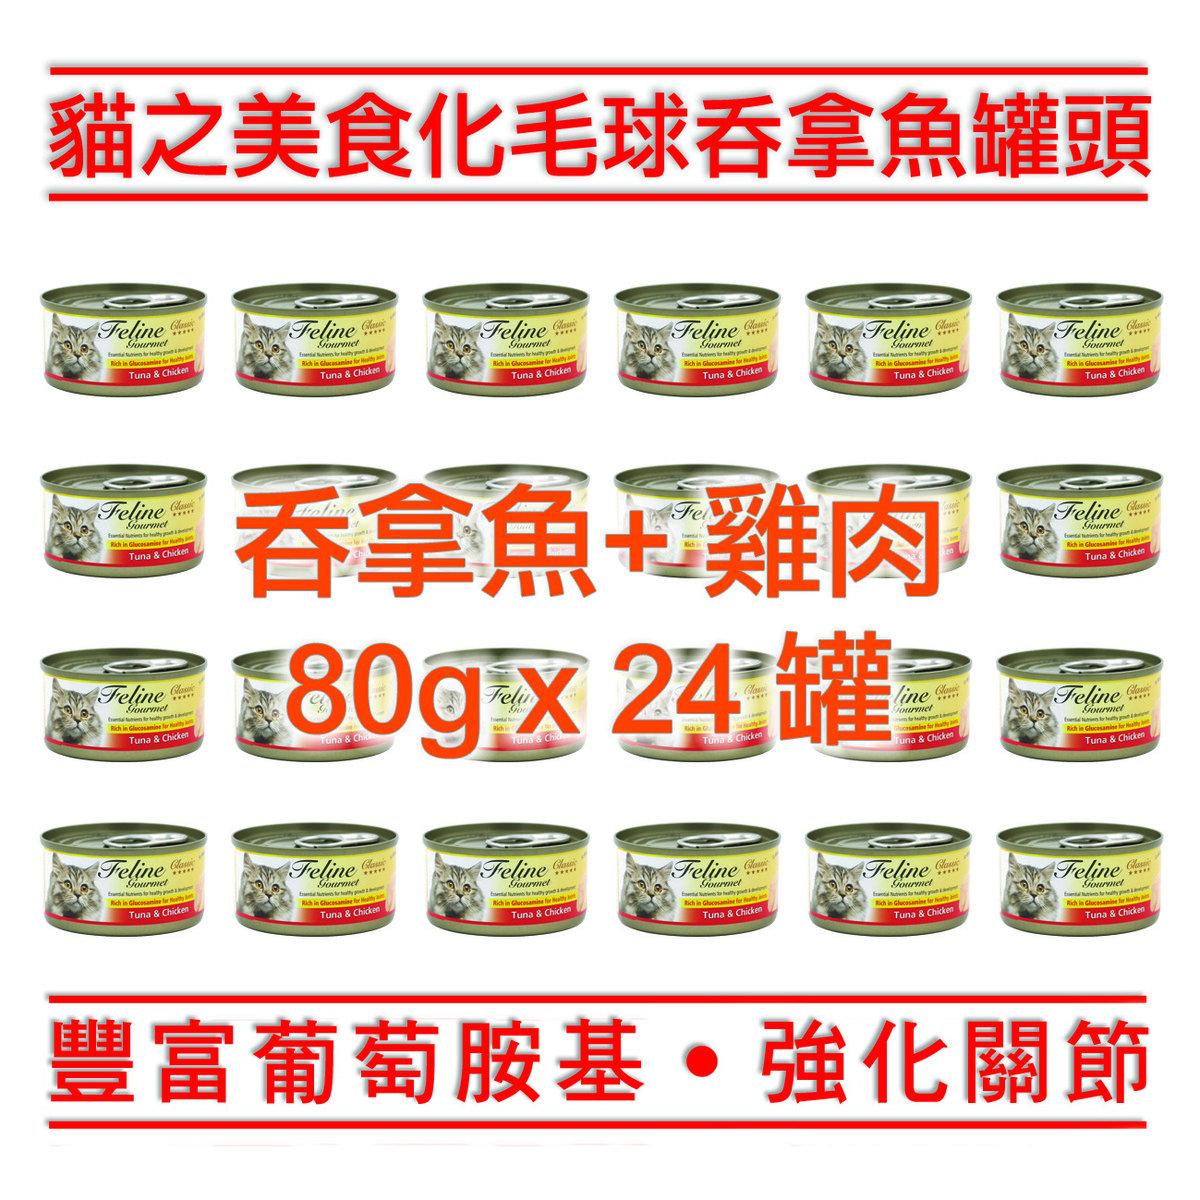 吞拿魚+雞肉 - 化毛球 80g x 24 罐